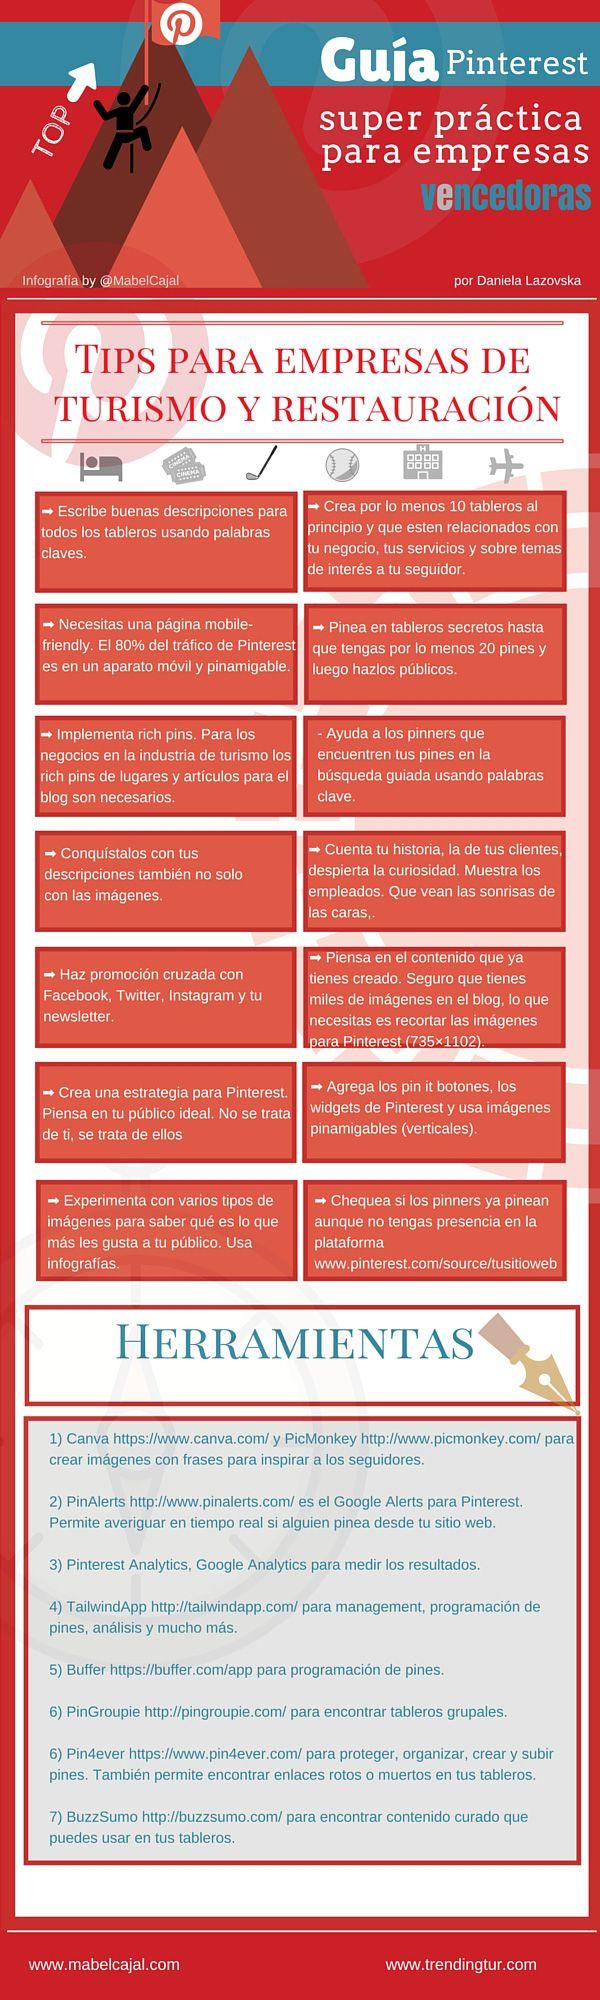 Una guía super práctica de Pinterest imprescindible para empresas de turismo, con prácticos consejos, ejemplos reales y herramientas.